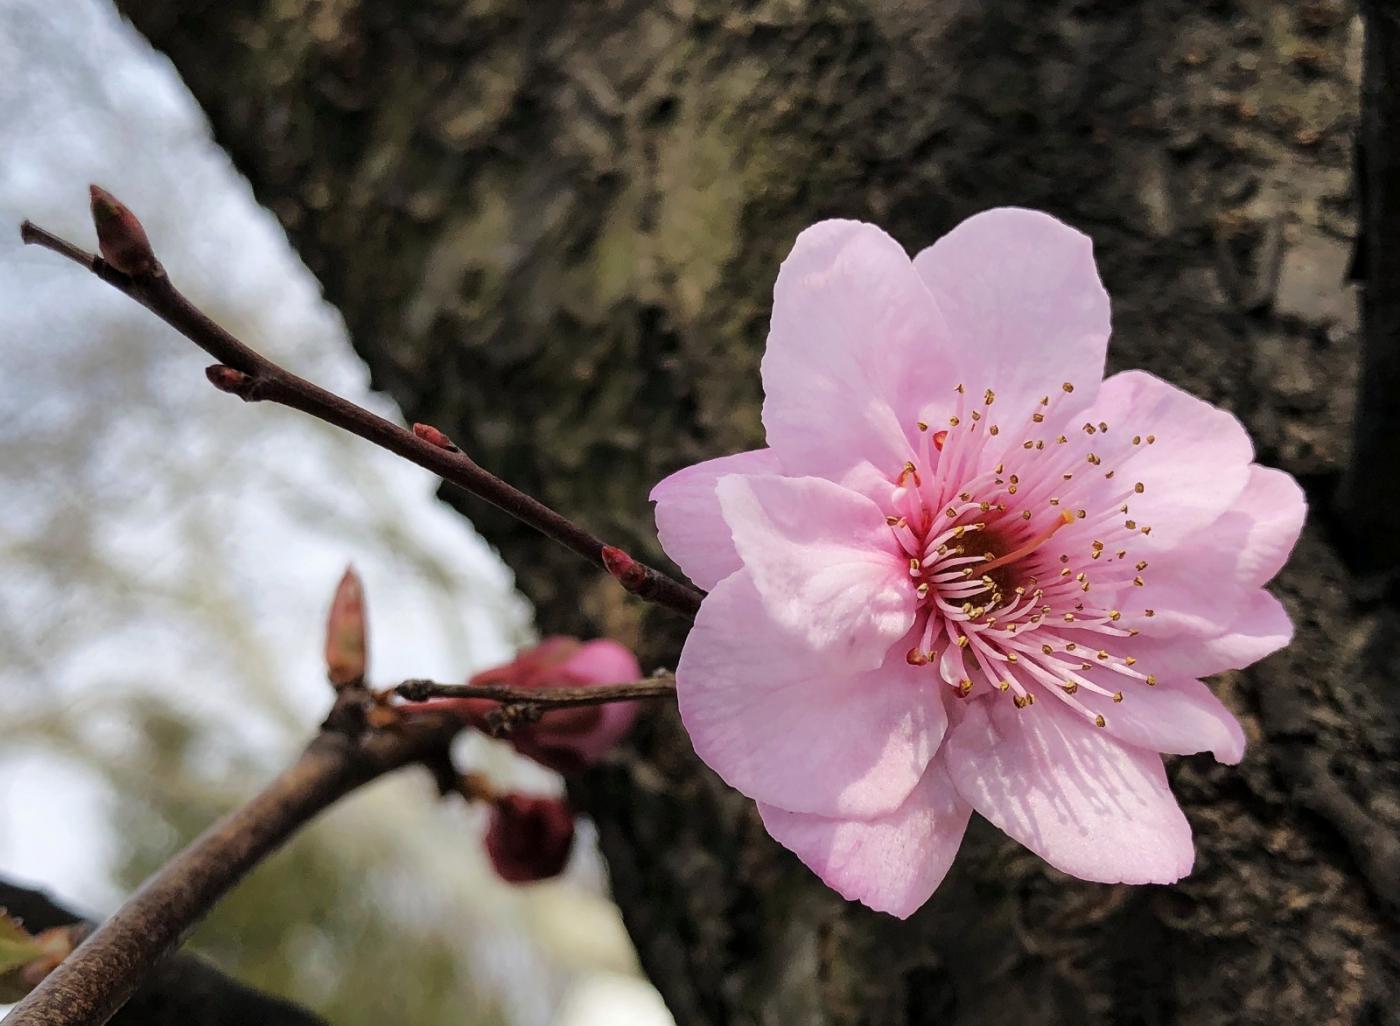 【田螺手机摄影】街口的杏花又开一年_图1-4